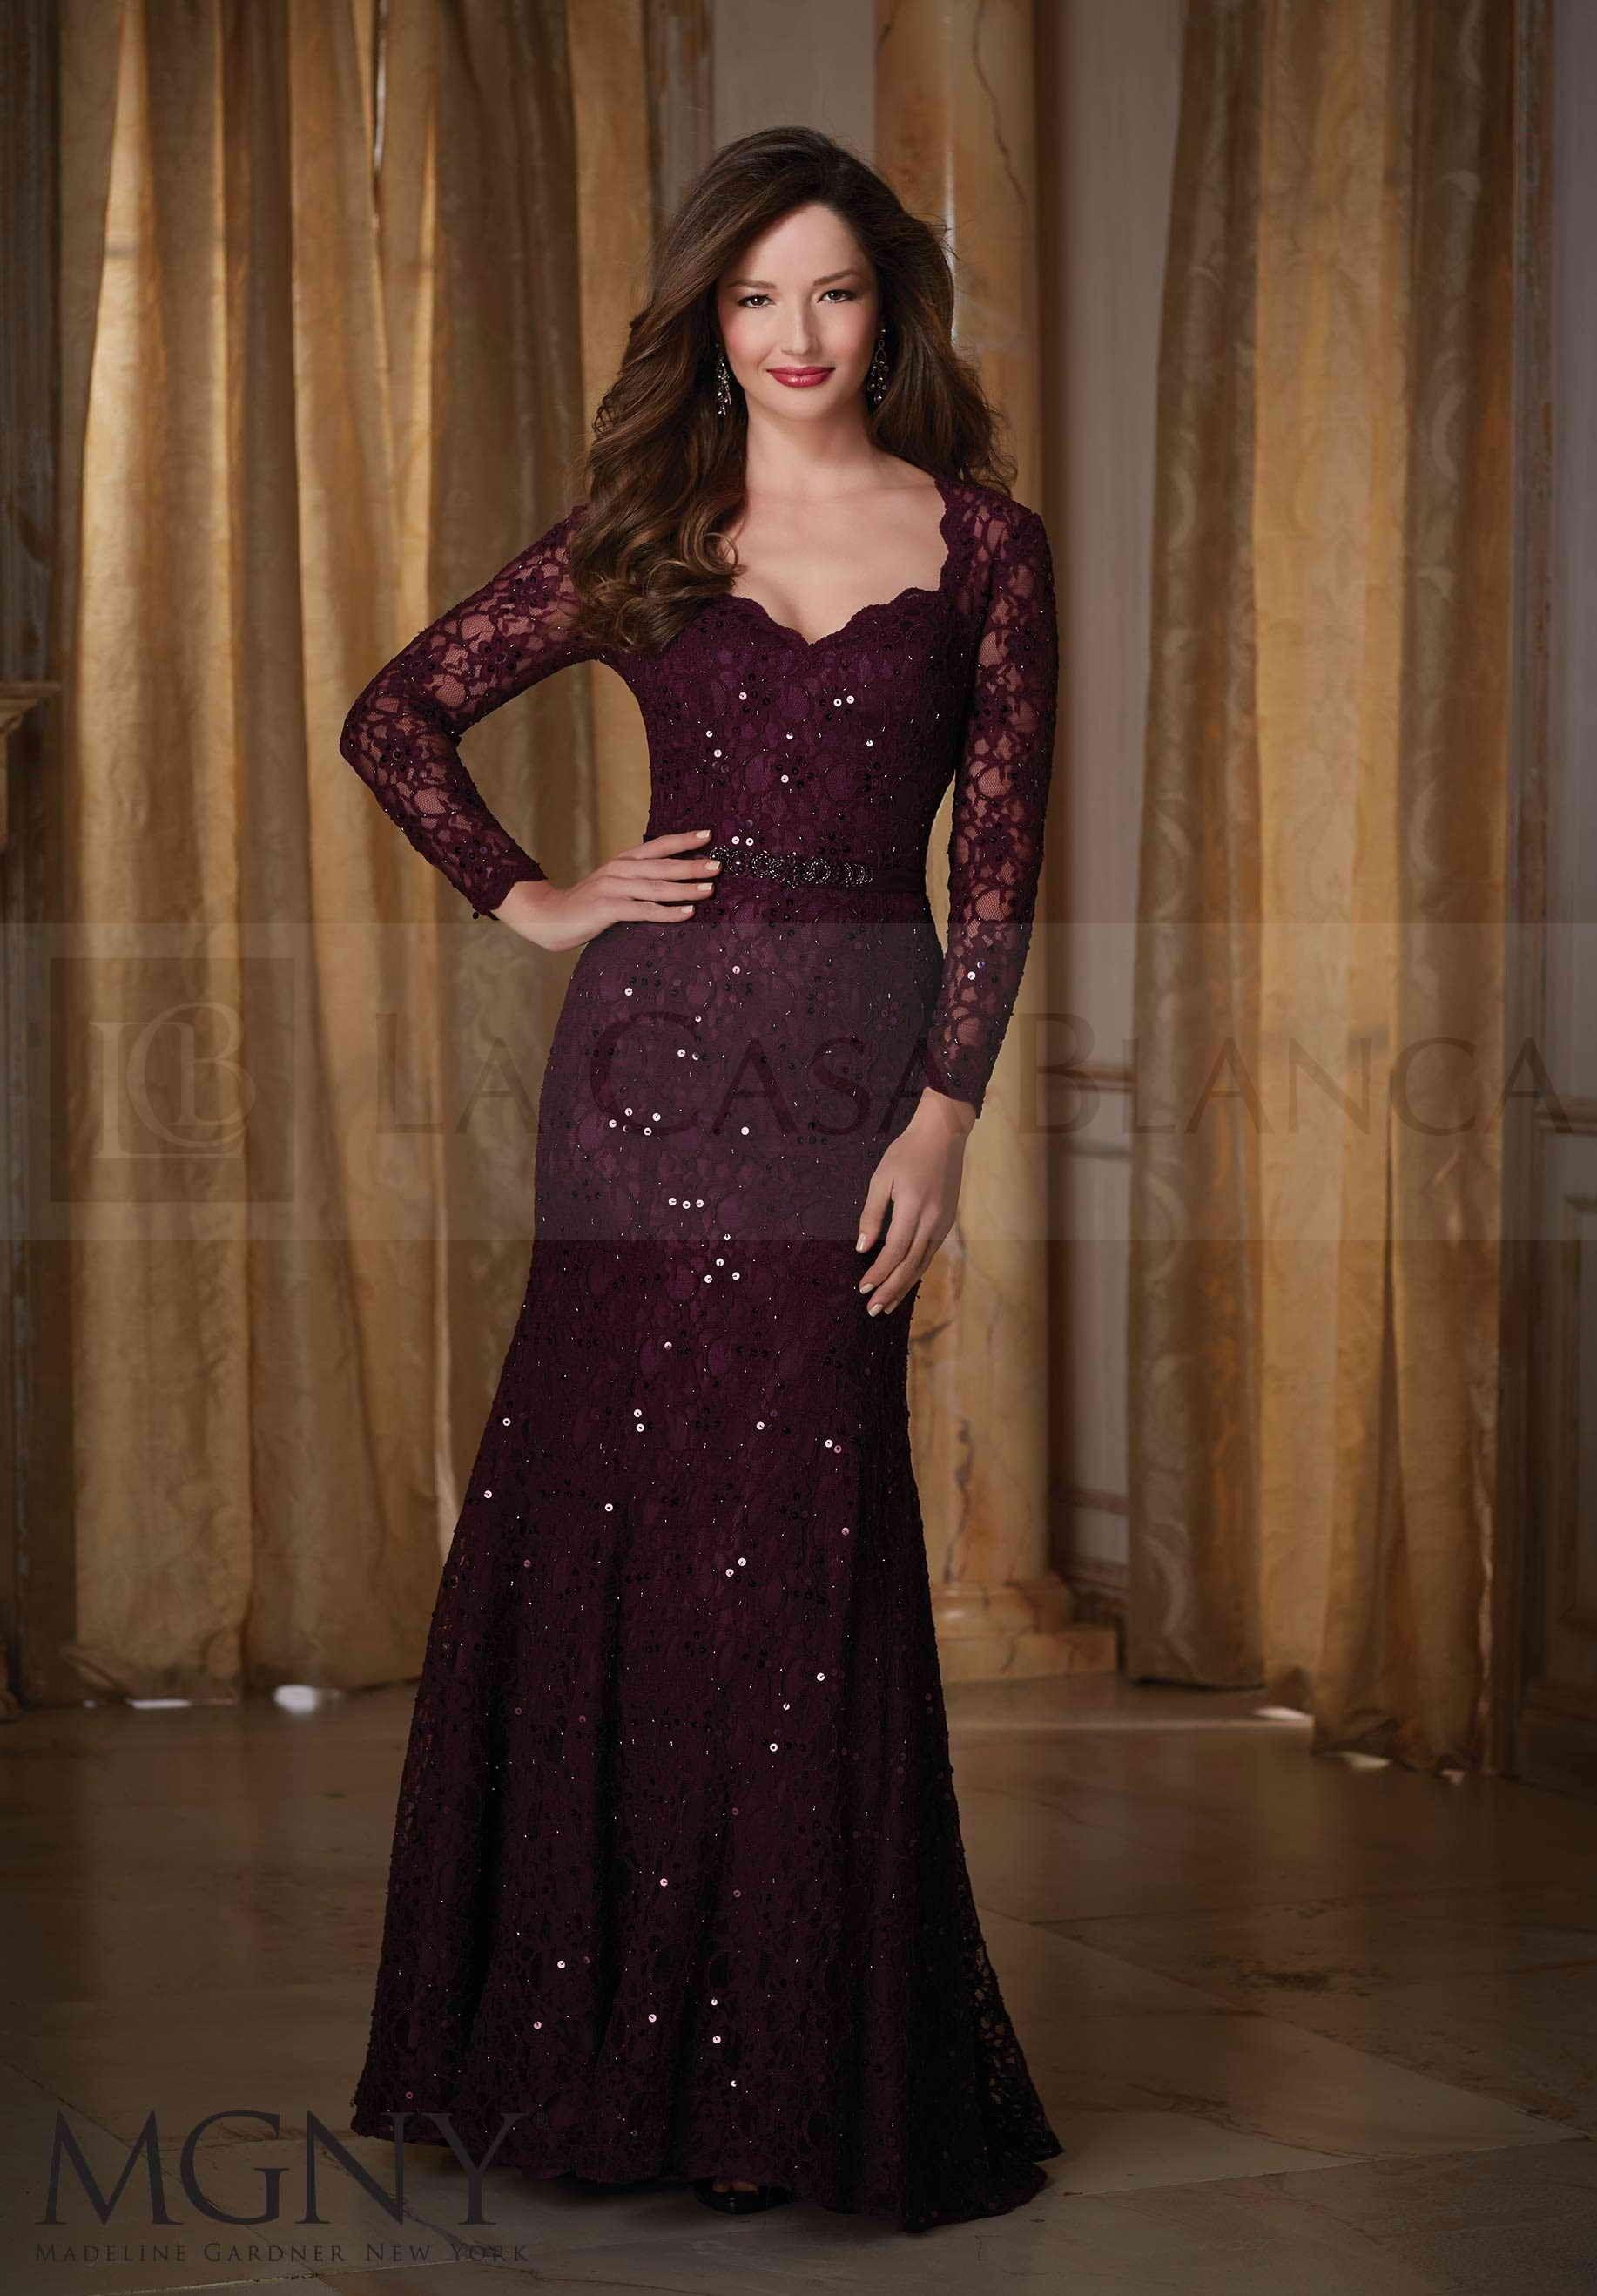 Un bello vestido de Madeline Garder para damas de honor y fiestas ...